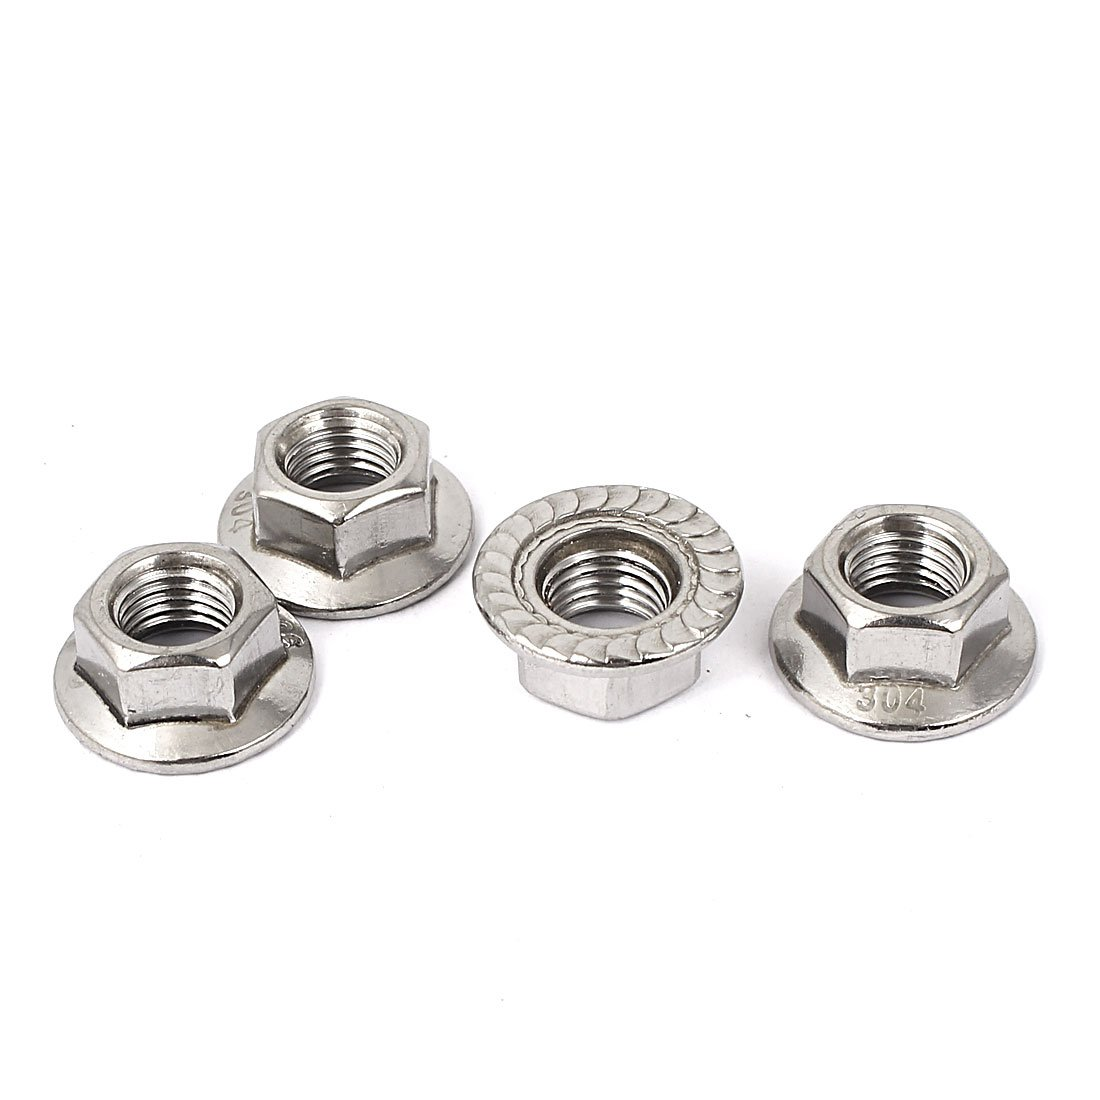 uxcell M10x1.25mm Thread UNF Serrated Hex Flange Lock Nuts 4pcs